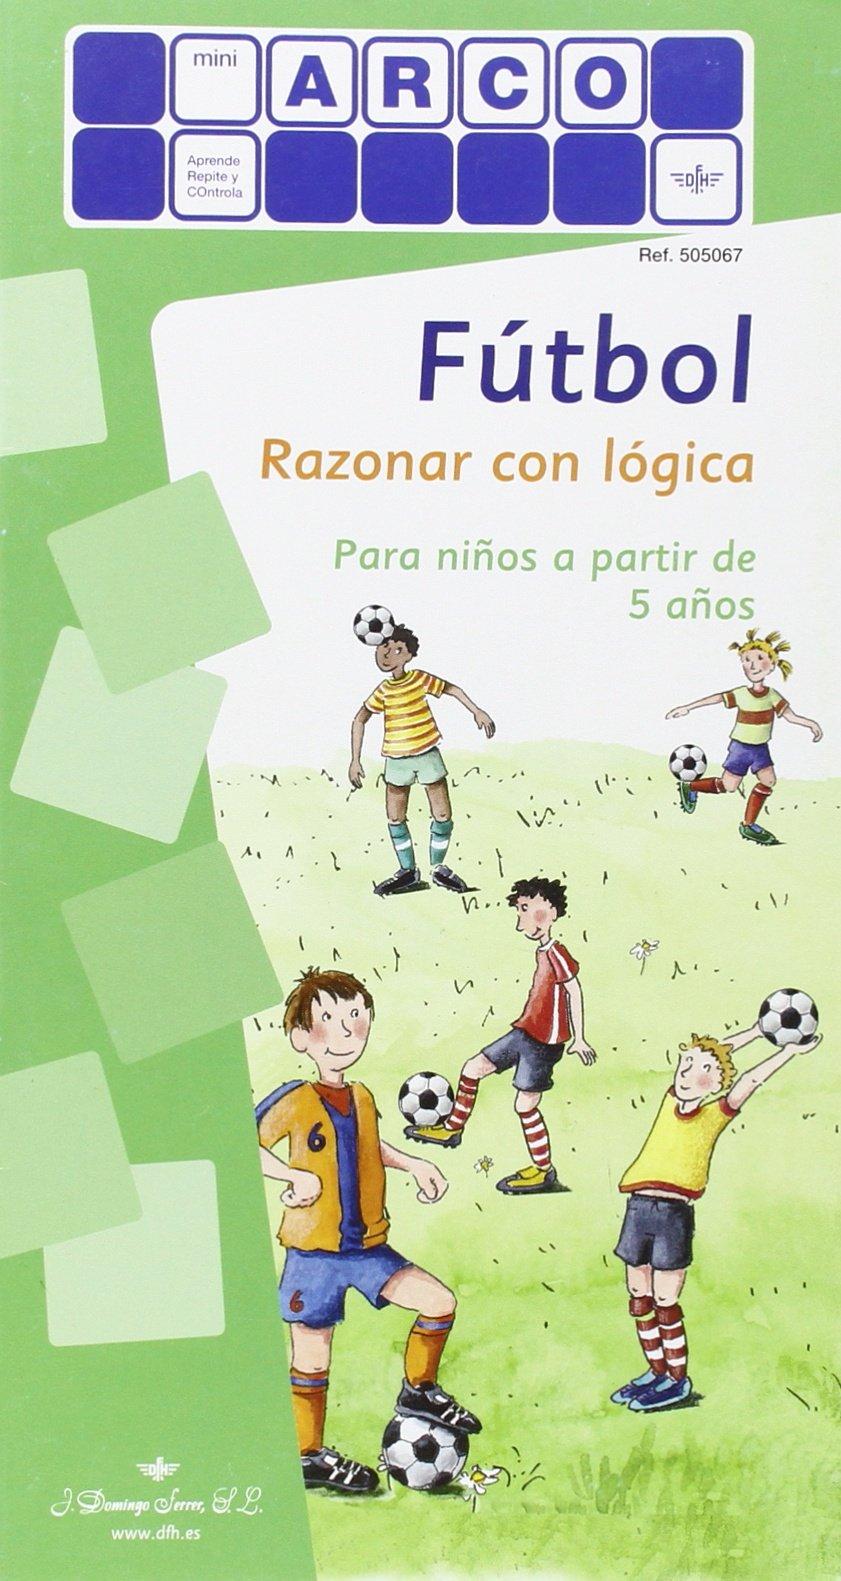 FUTBOL RAZONAR CON LOGICA PARA NIÑOS A PARTIR DE 5 AÑOS MINI: Amazon.es: Aa.Vv.: Libros